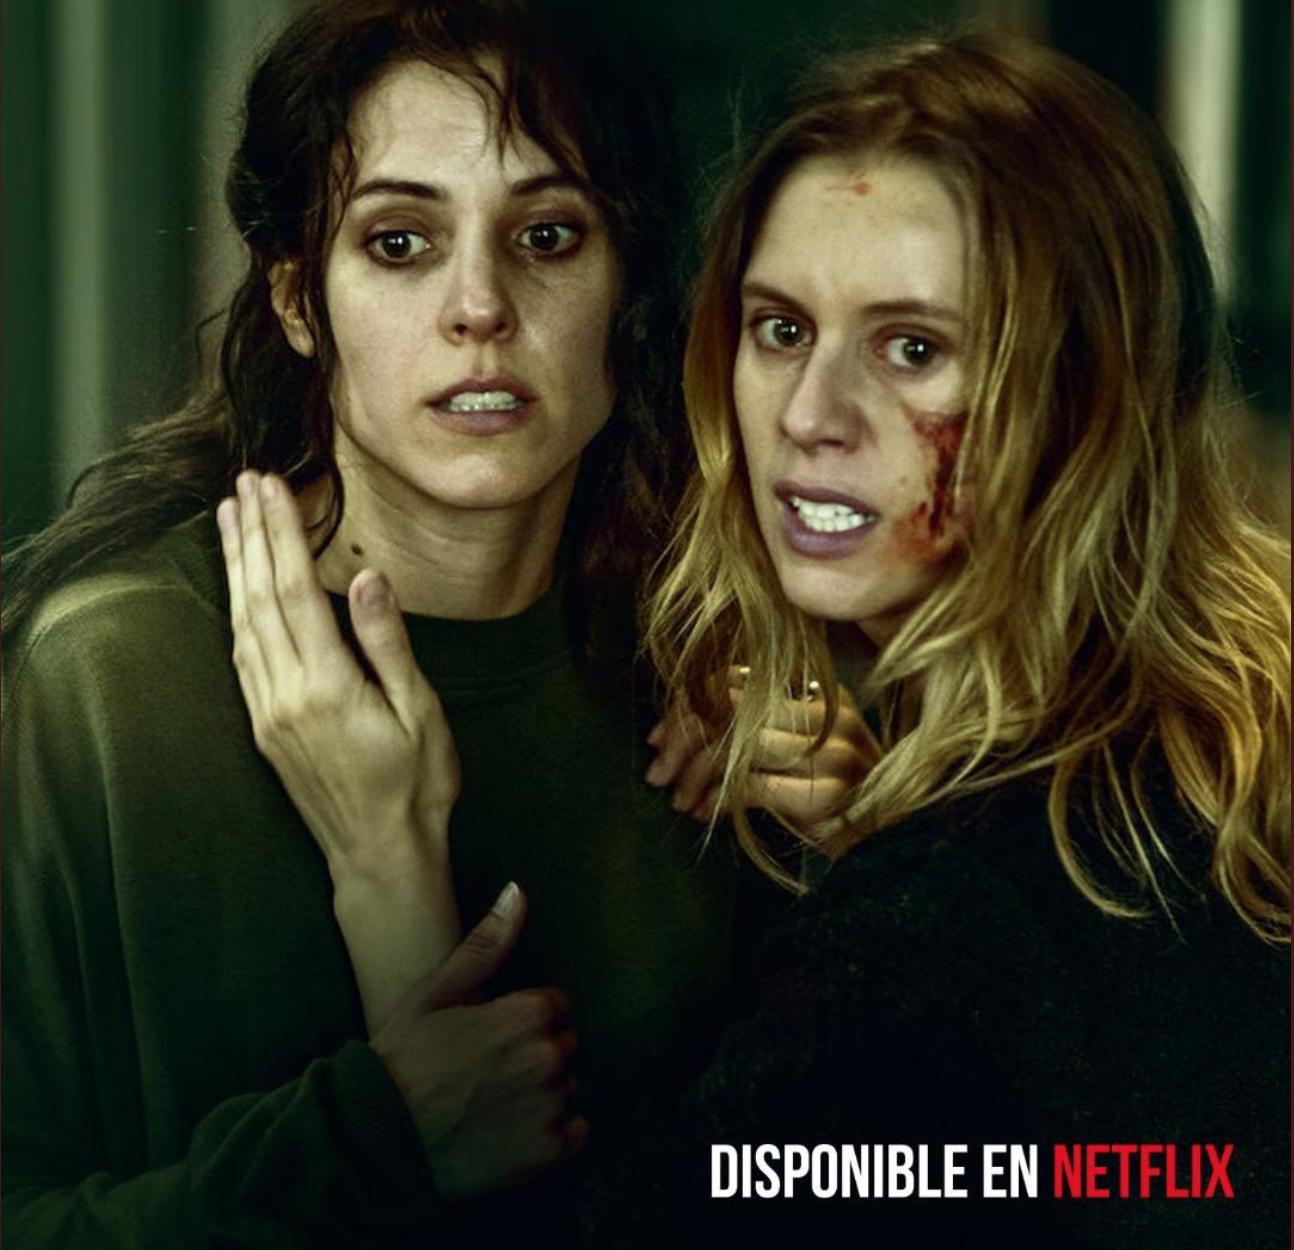 La Influencia se estrena en Netflix